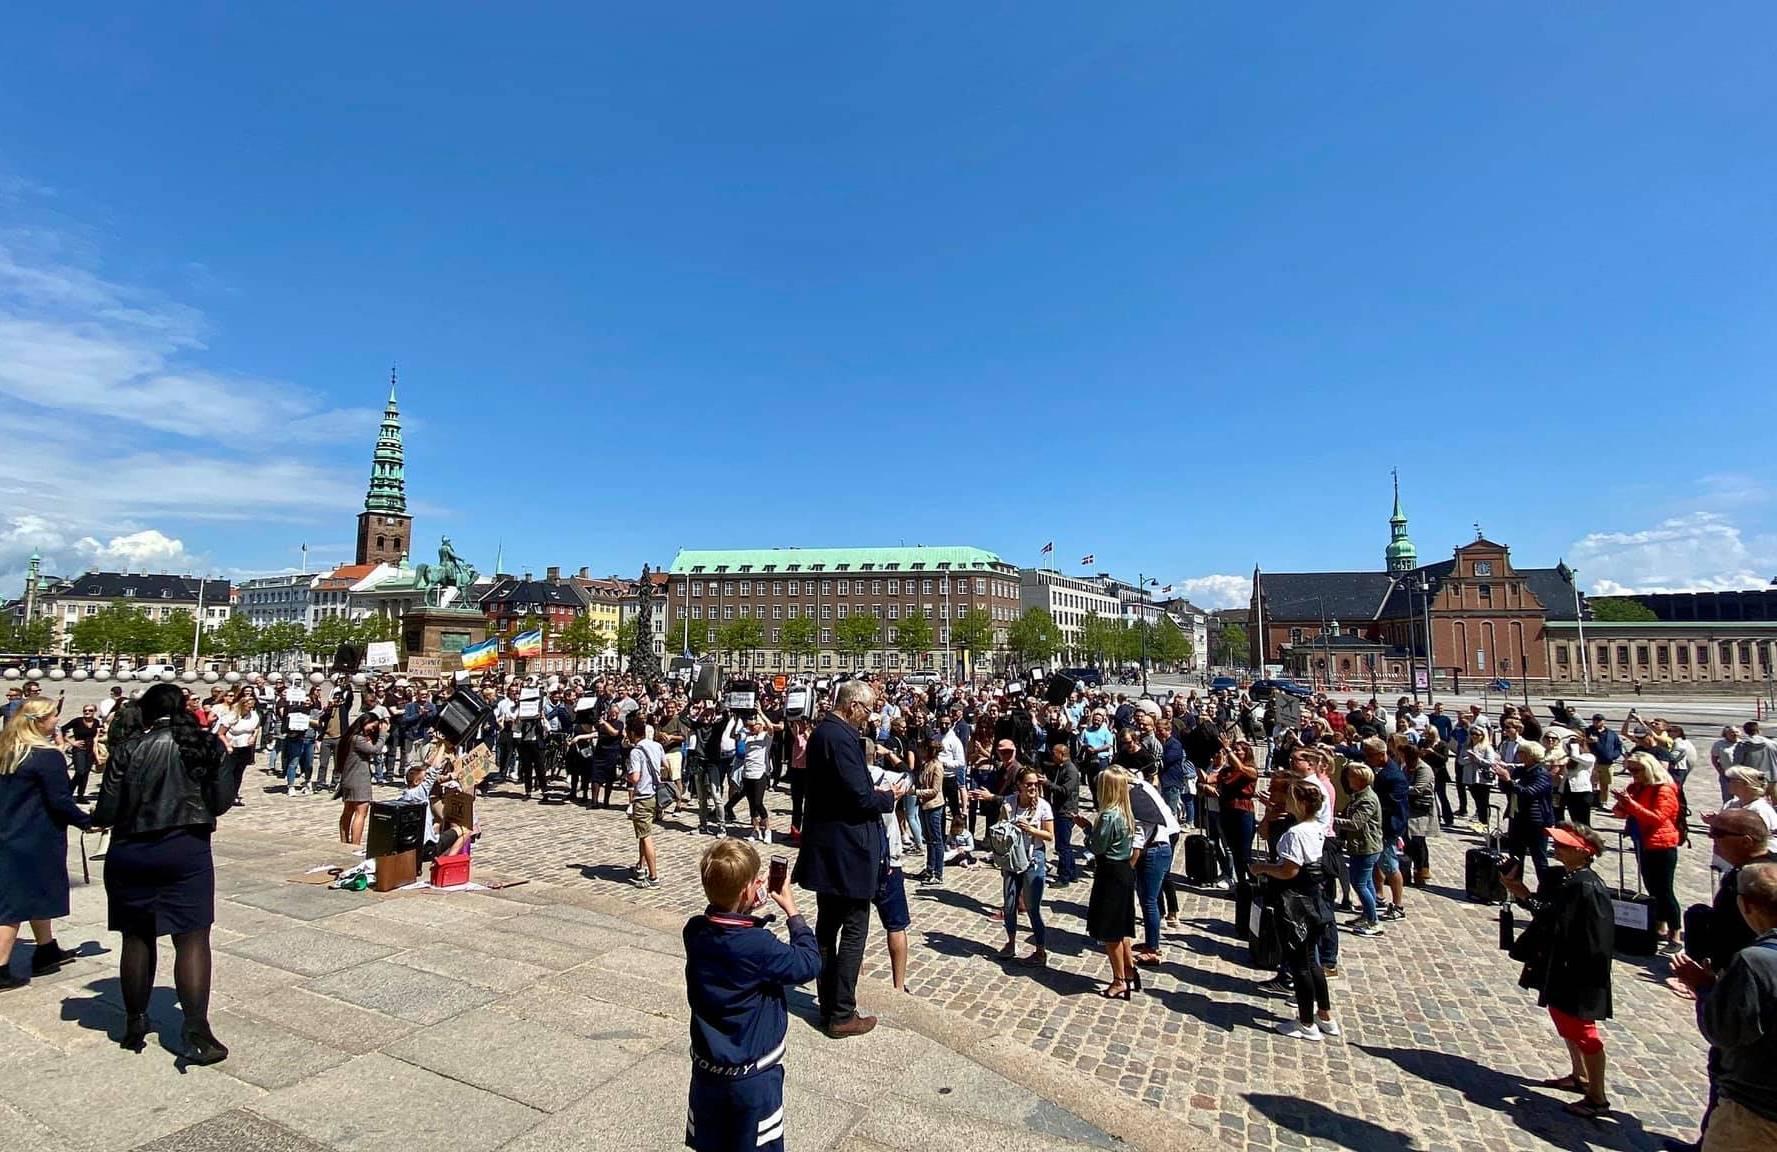 Mellem 500 og 800 var samlet til demonstrationen på Christiansborg Slotsplads. (Privatfoto)